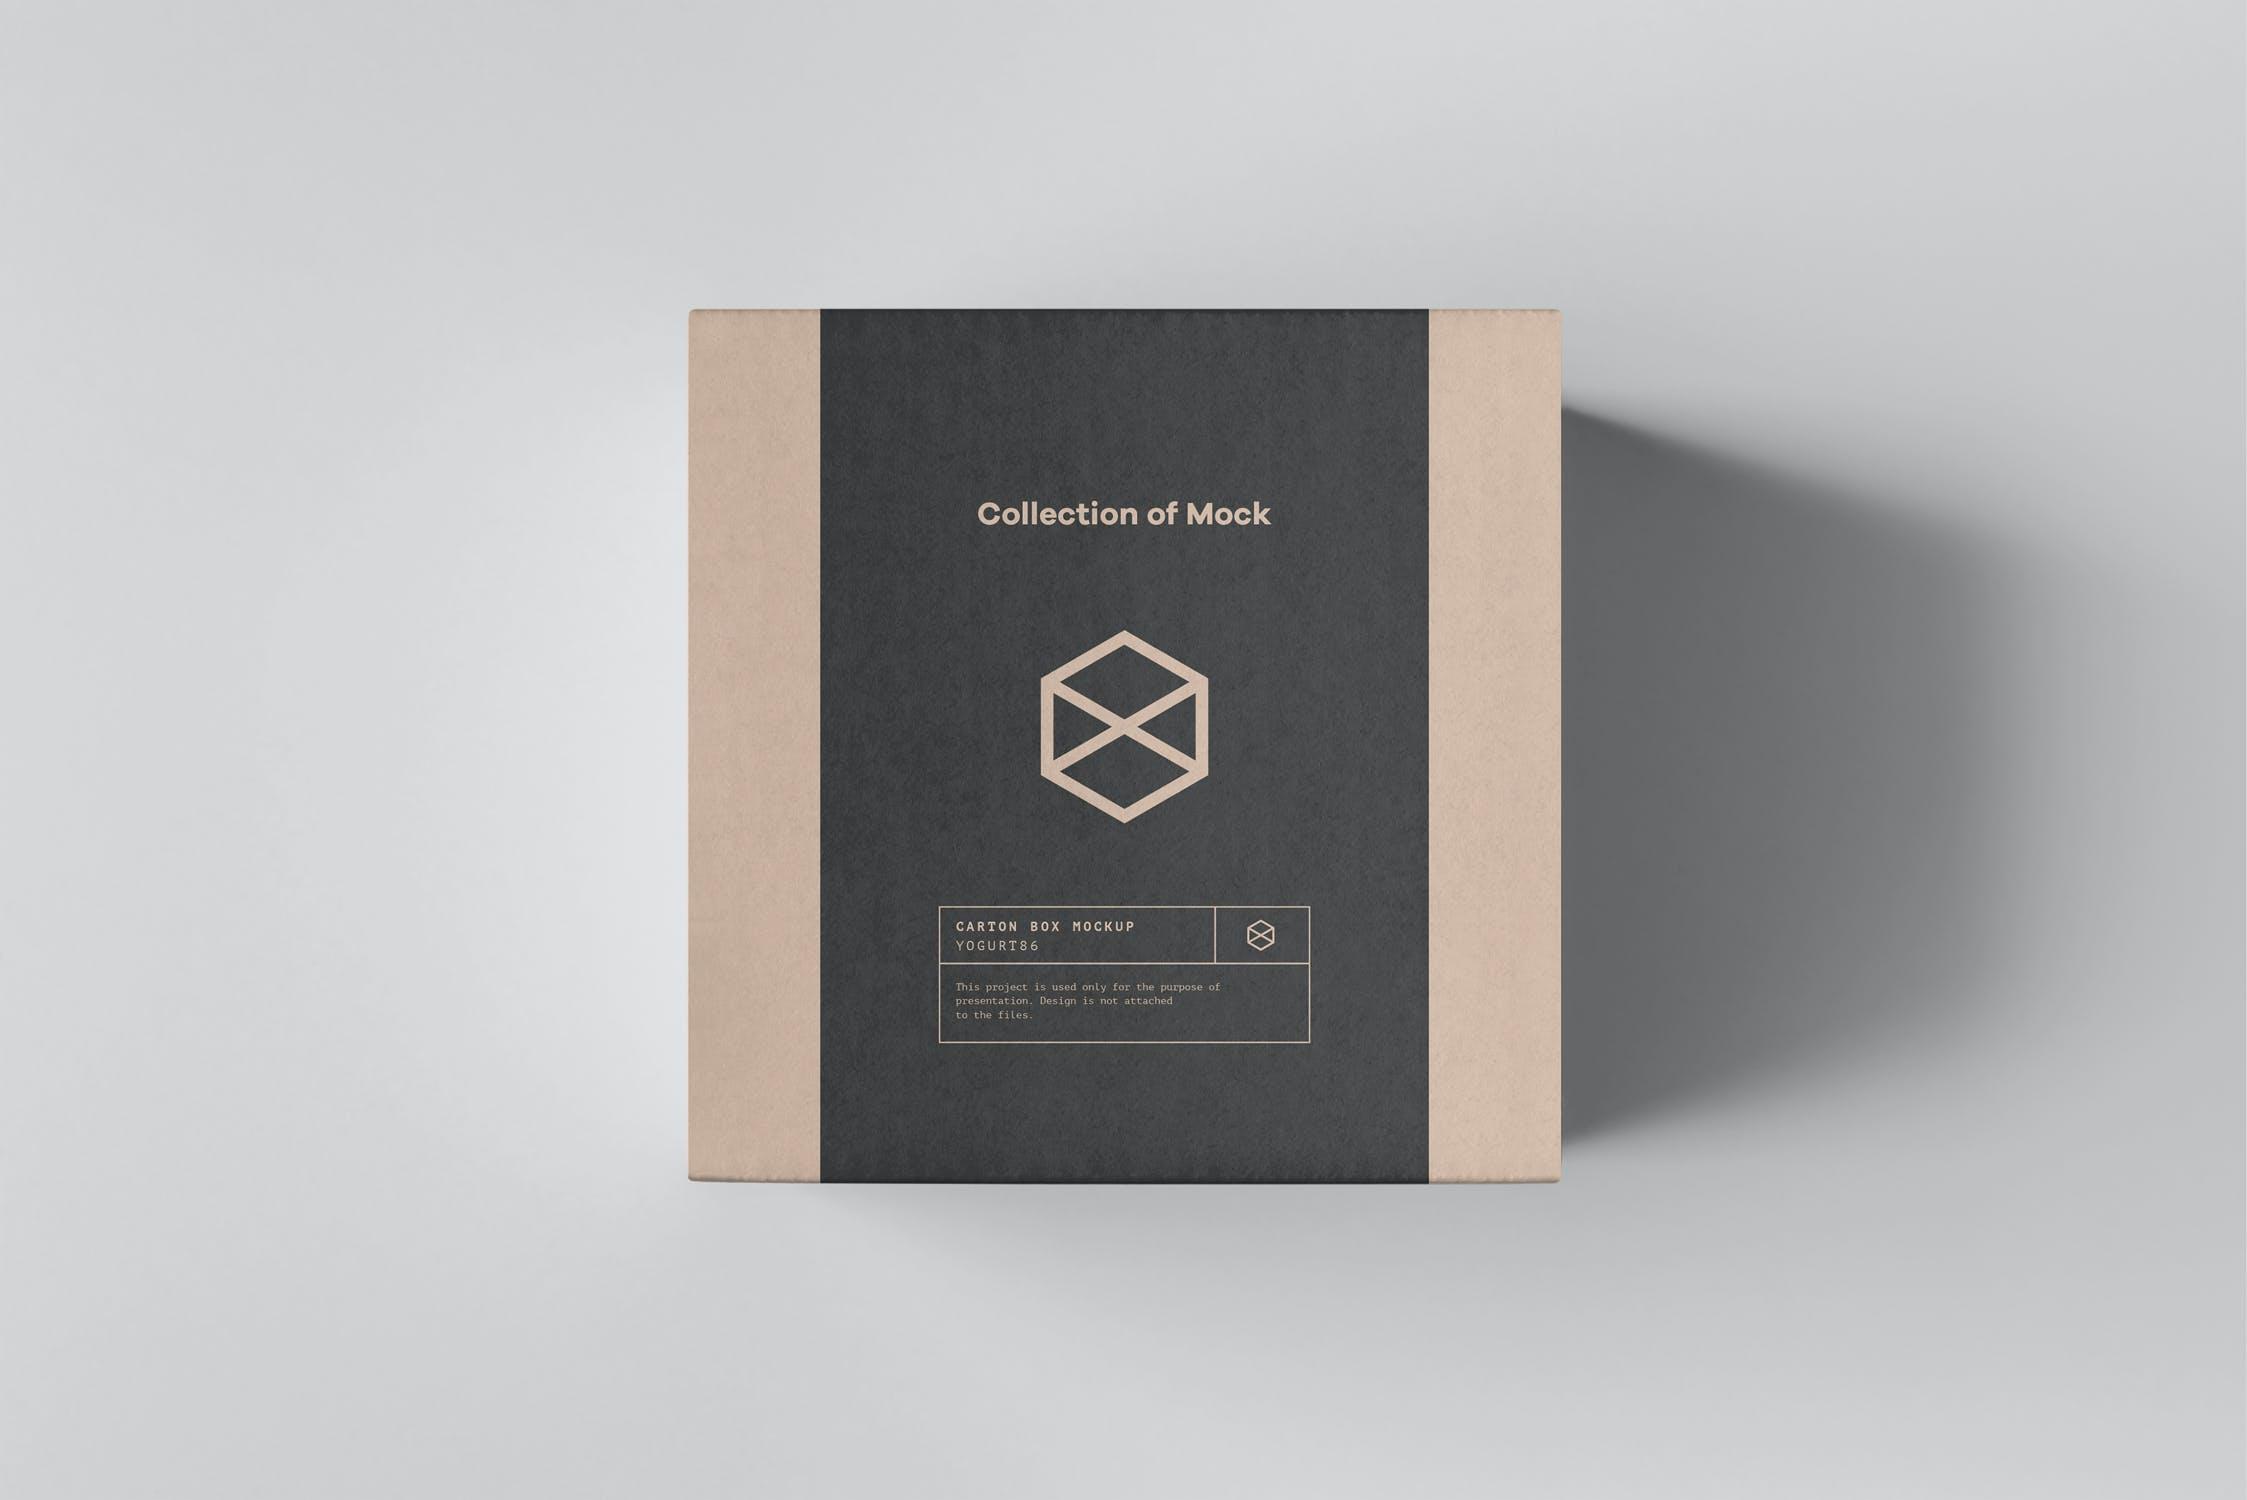 方形产品快递包装纸箱设计展示样机模板 Carton Box Mockup 100x100x100插图(8)